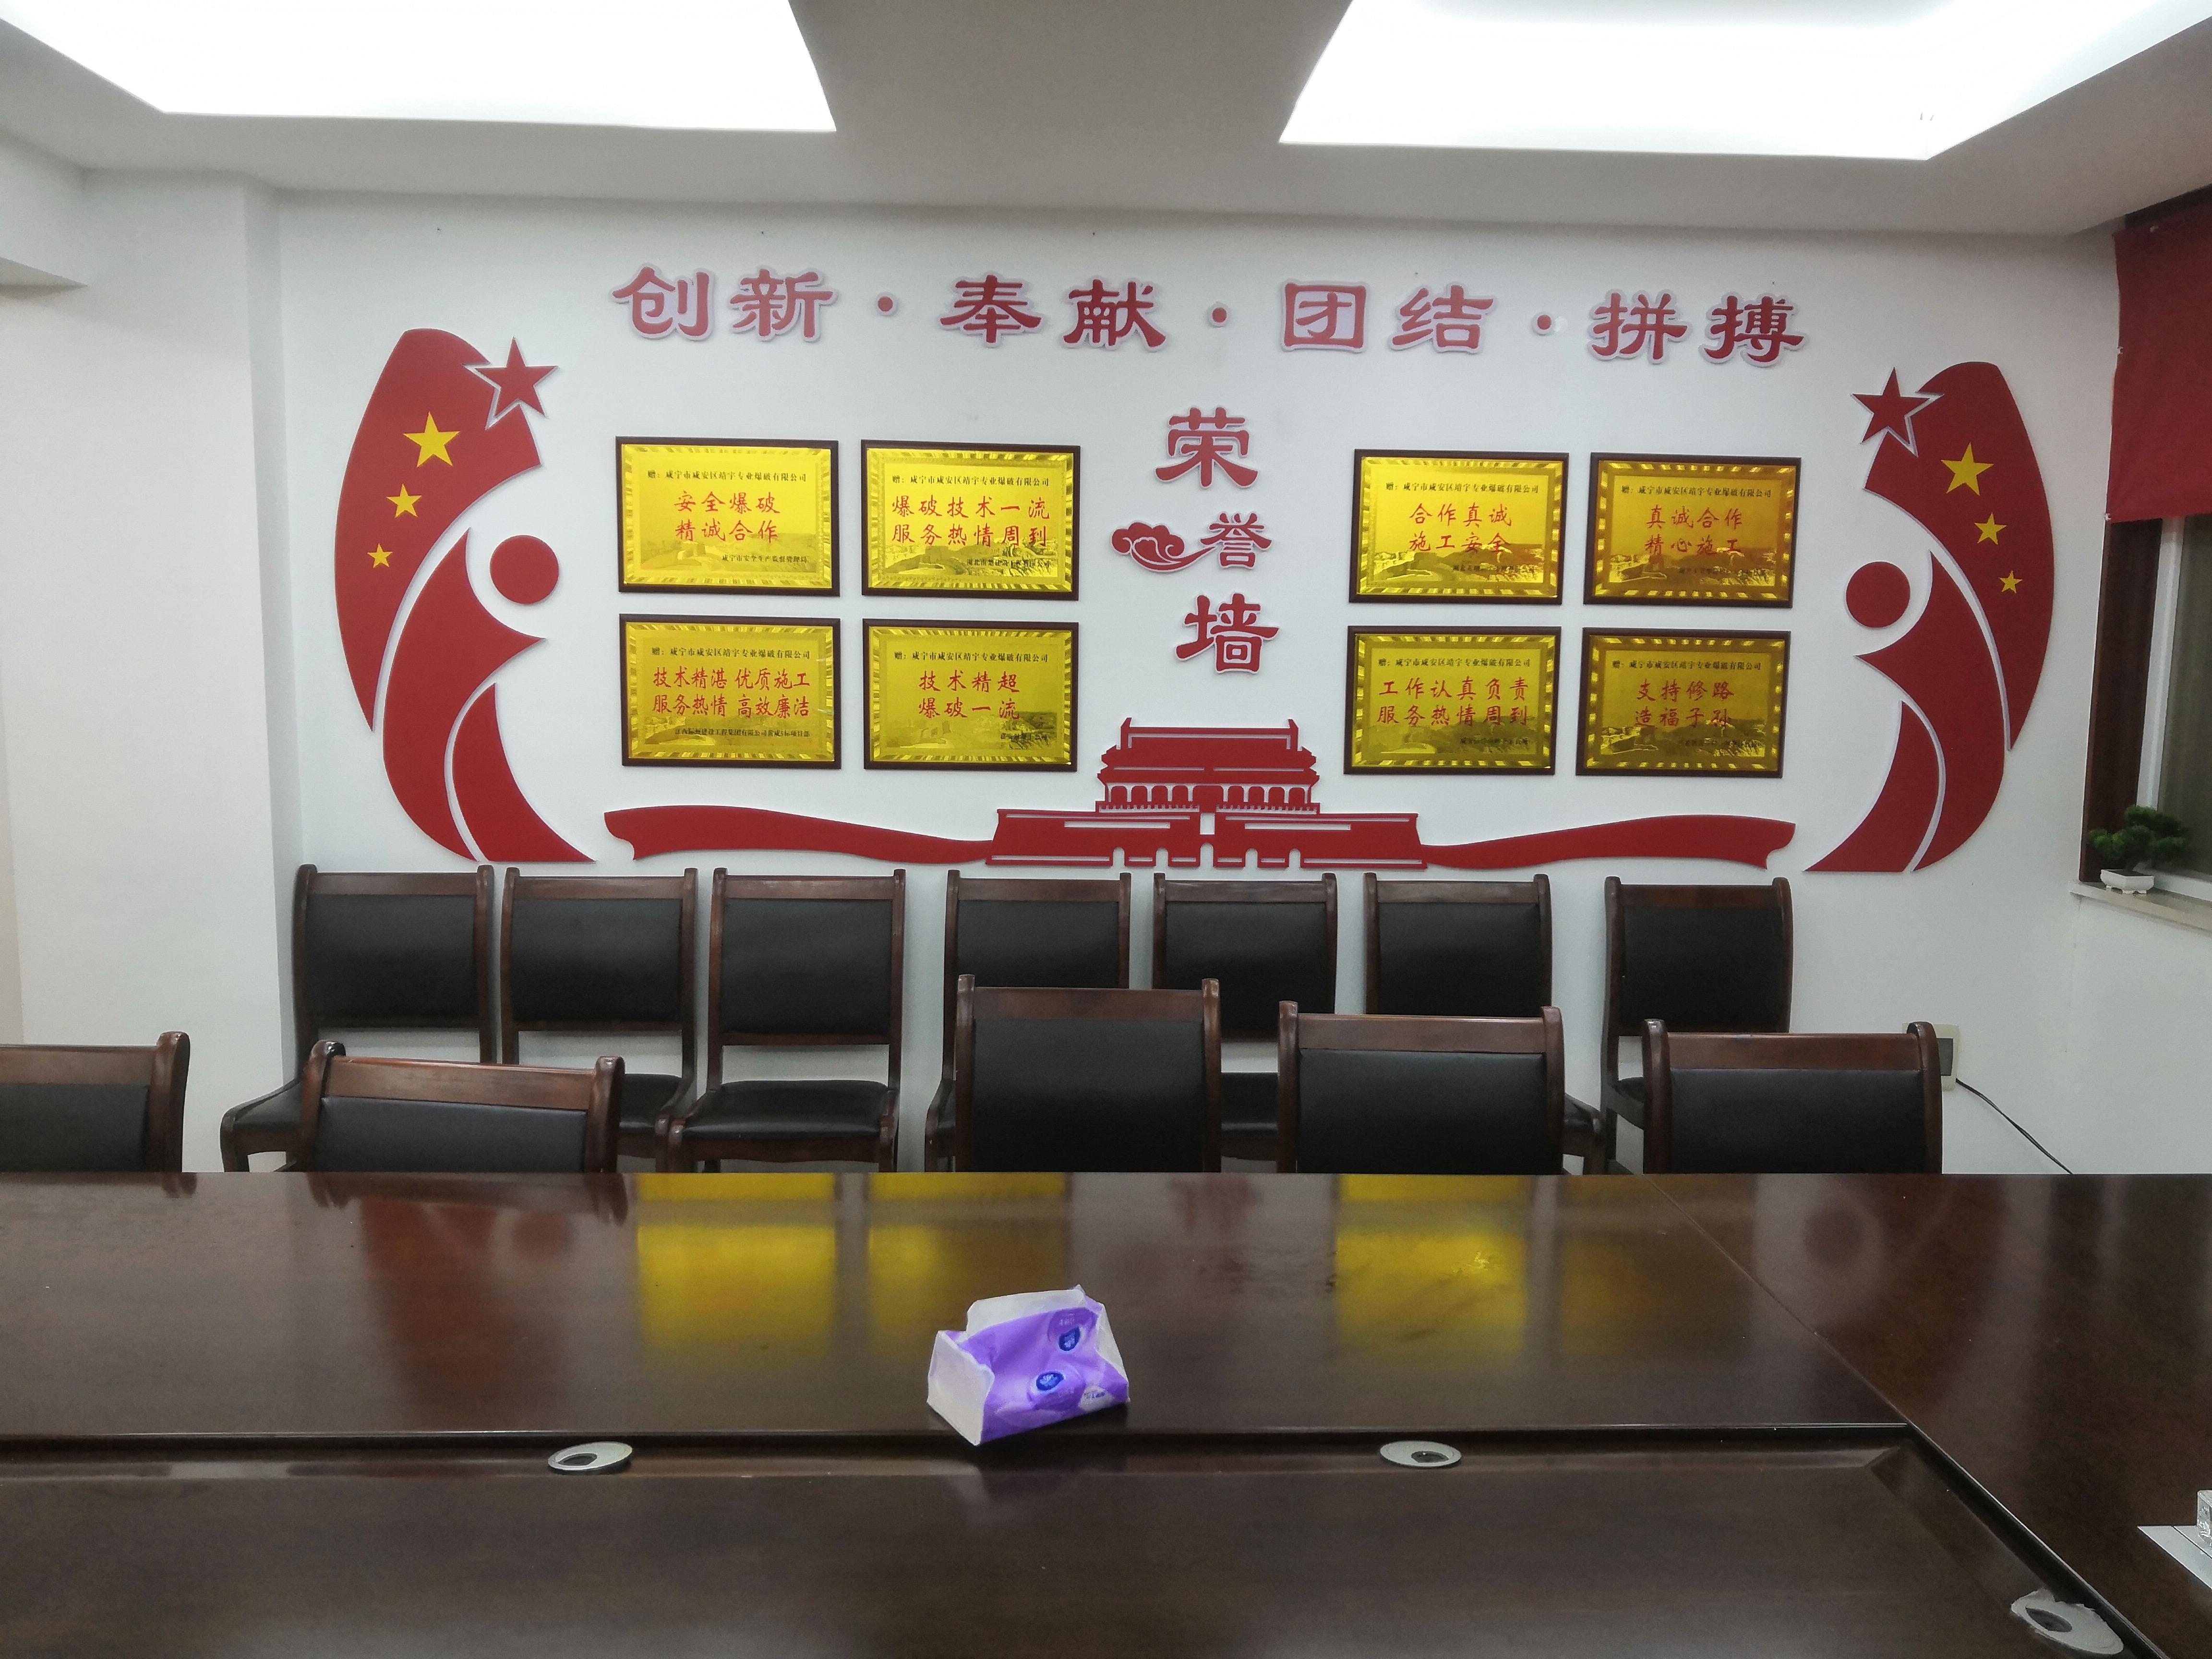 靖宇爆破党建会议室(图3)